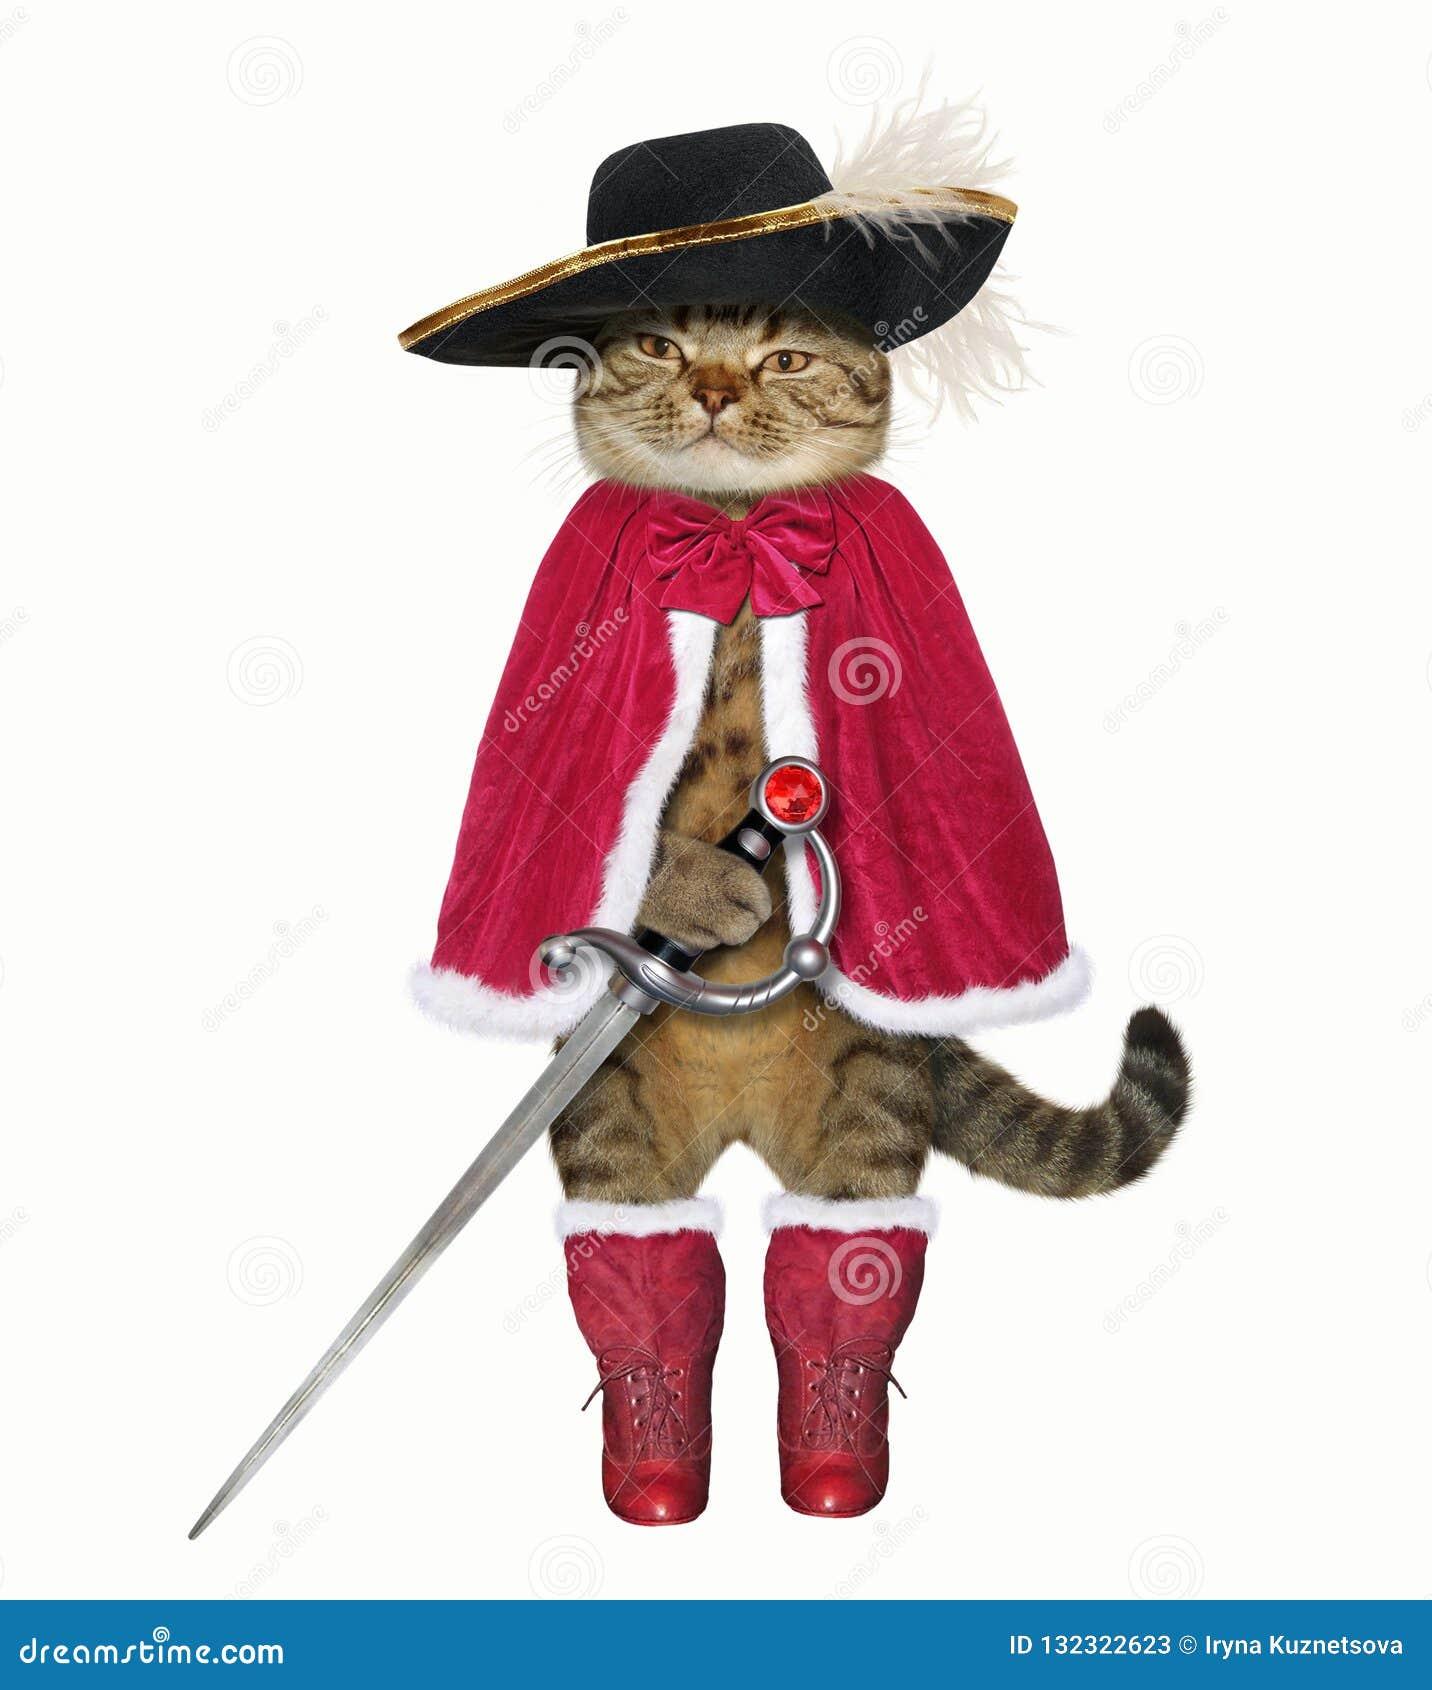 Кот в красном плаще со шпагой